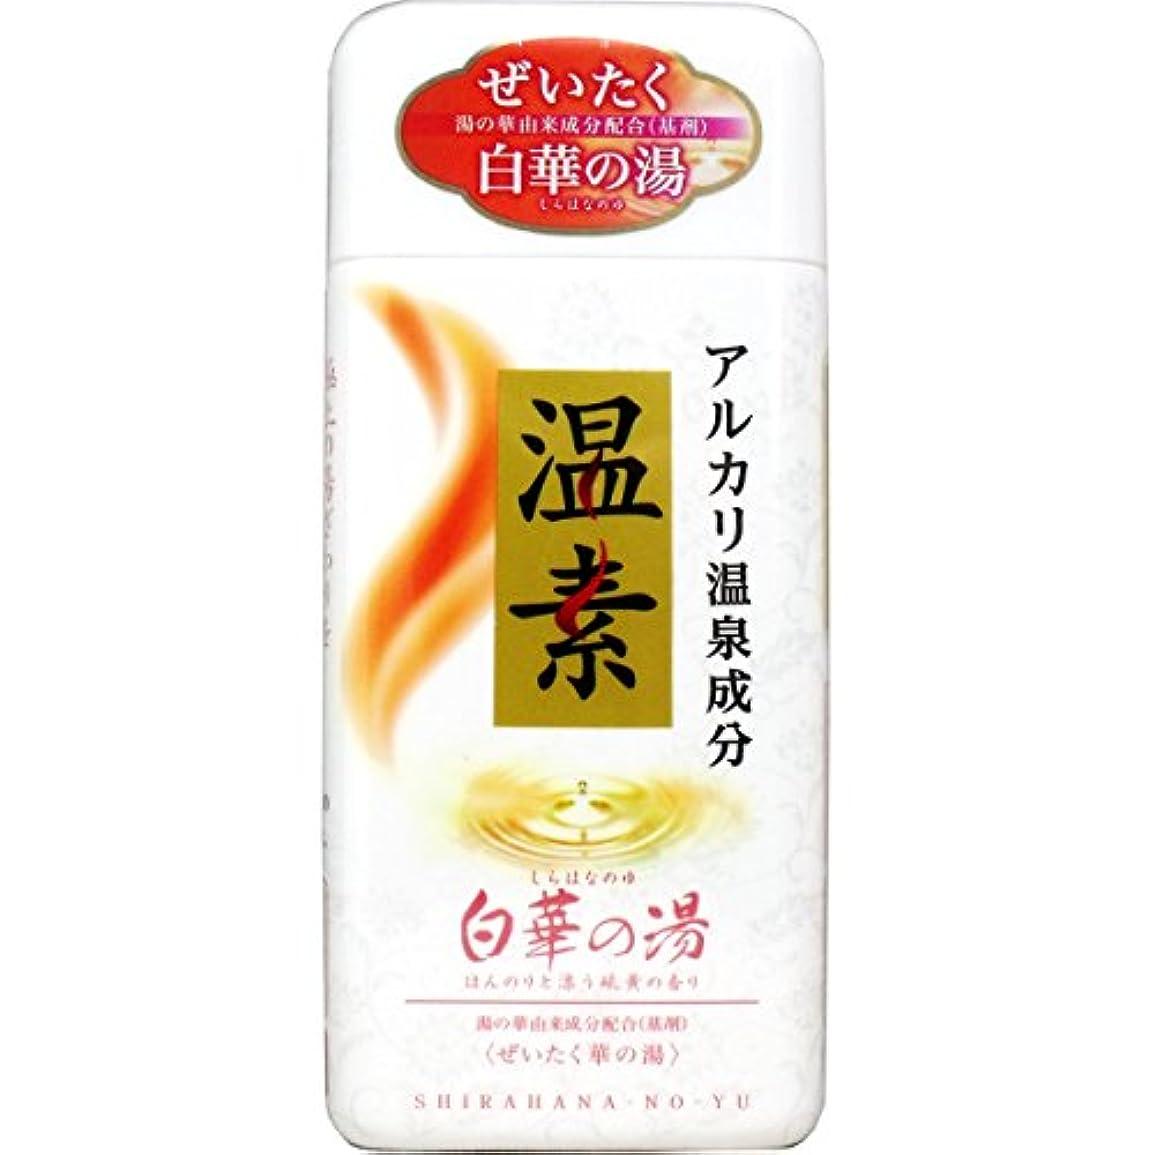 共産主義者ビルマ任意お風呂用品 ぜいたく華の湯 本物志向 アルカリ温泉成分 温素 入浴剤 白華の湯 硫黄の香り 600g入